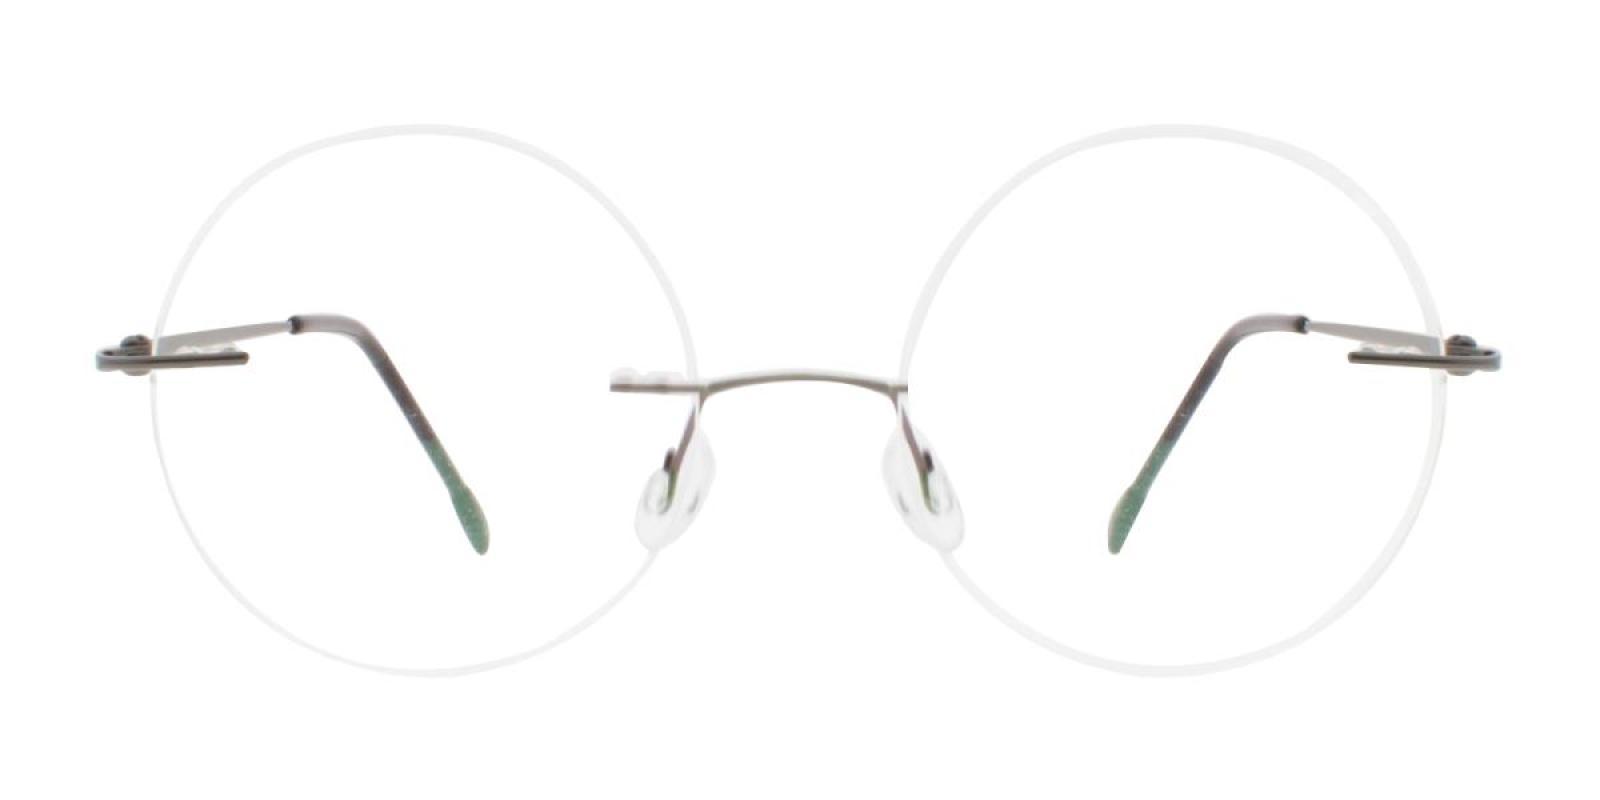 Knewphey-Gun-Varieties-Metal-Eyeglasses-additional2